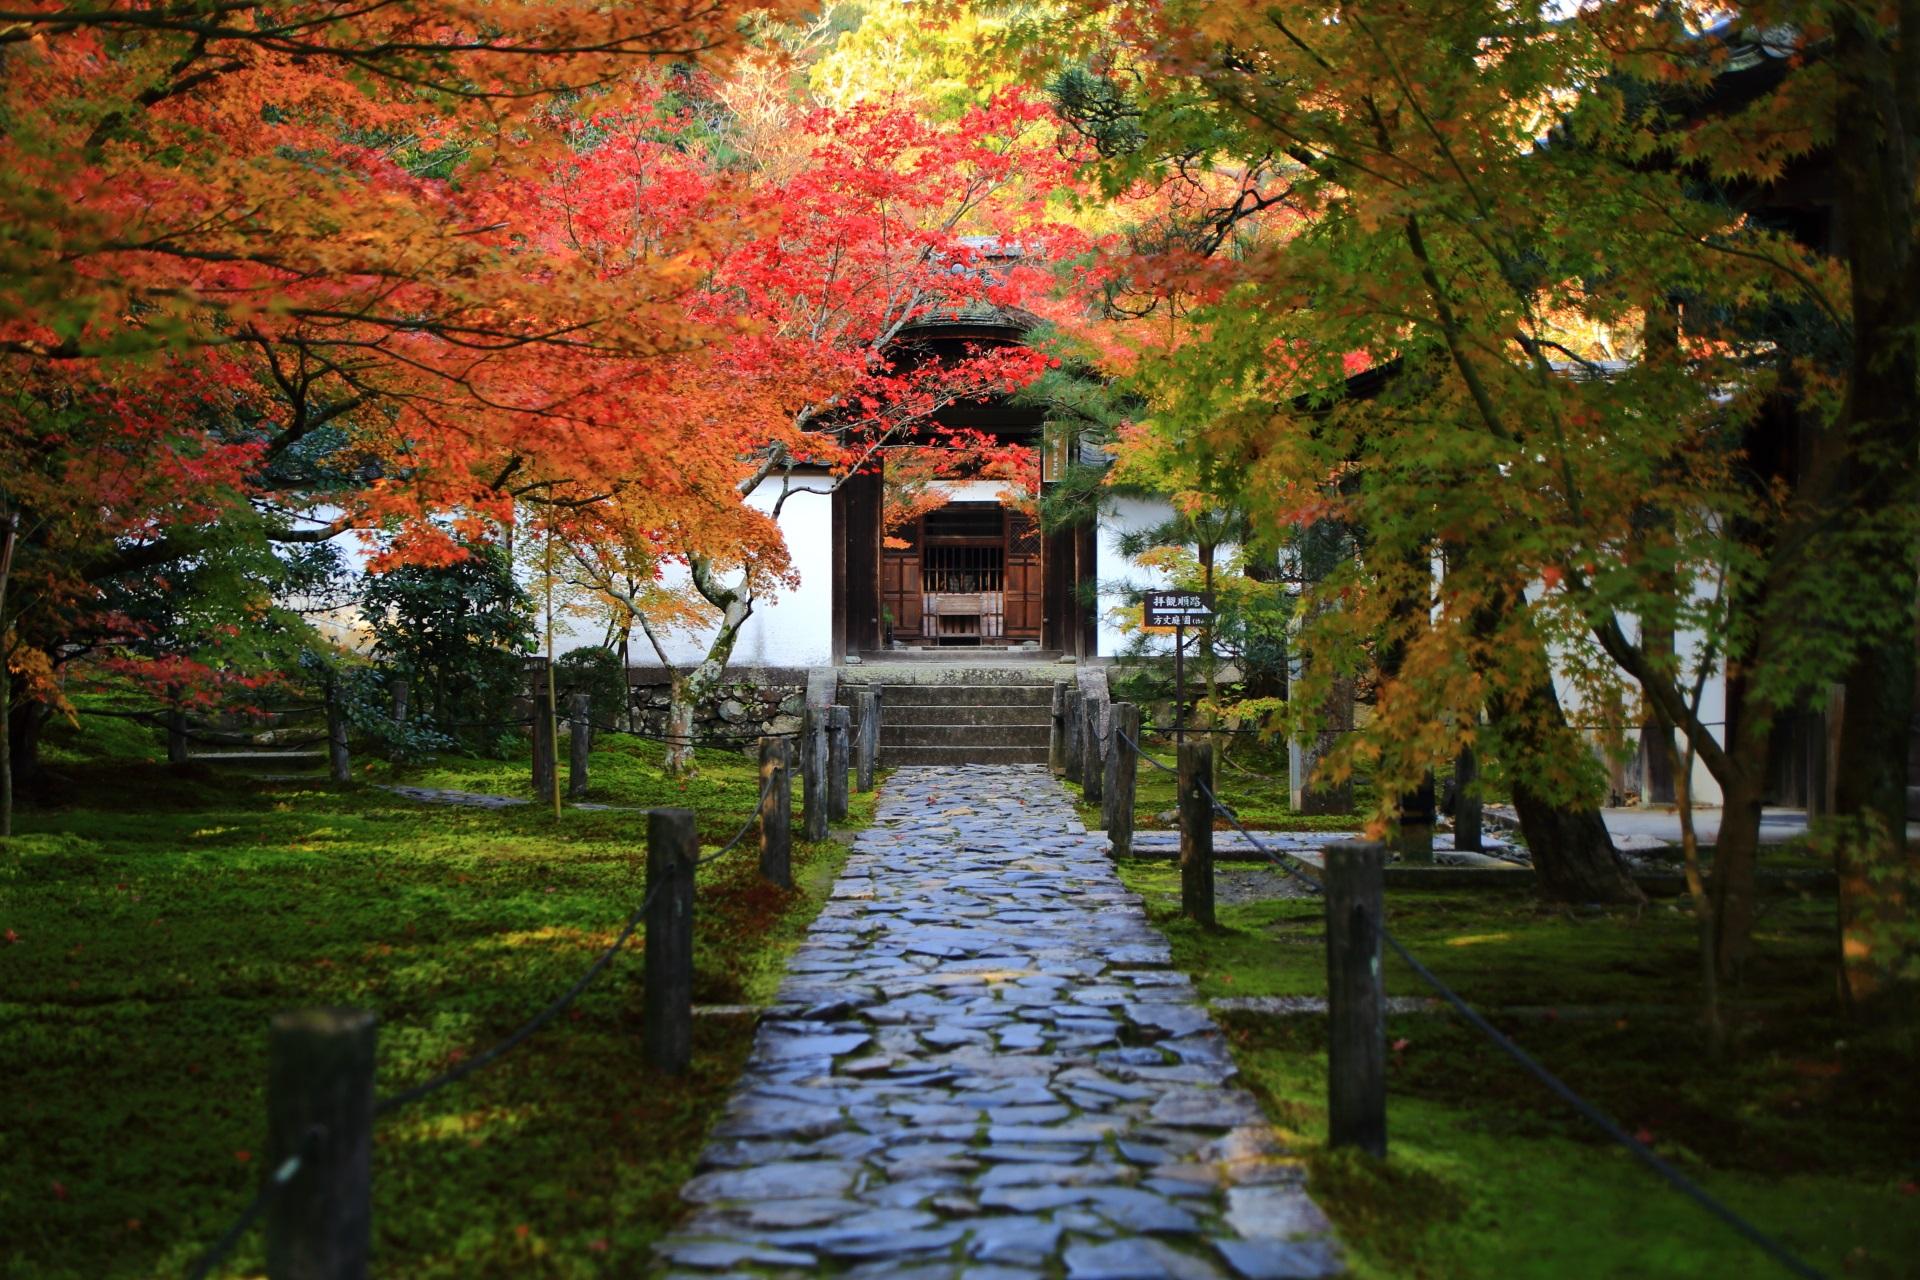 中門の奥に見える本堂と風情ある紅葉